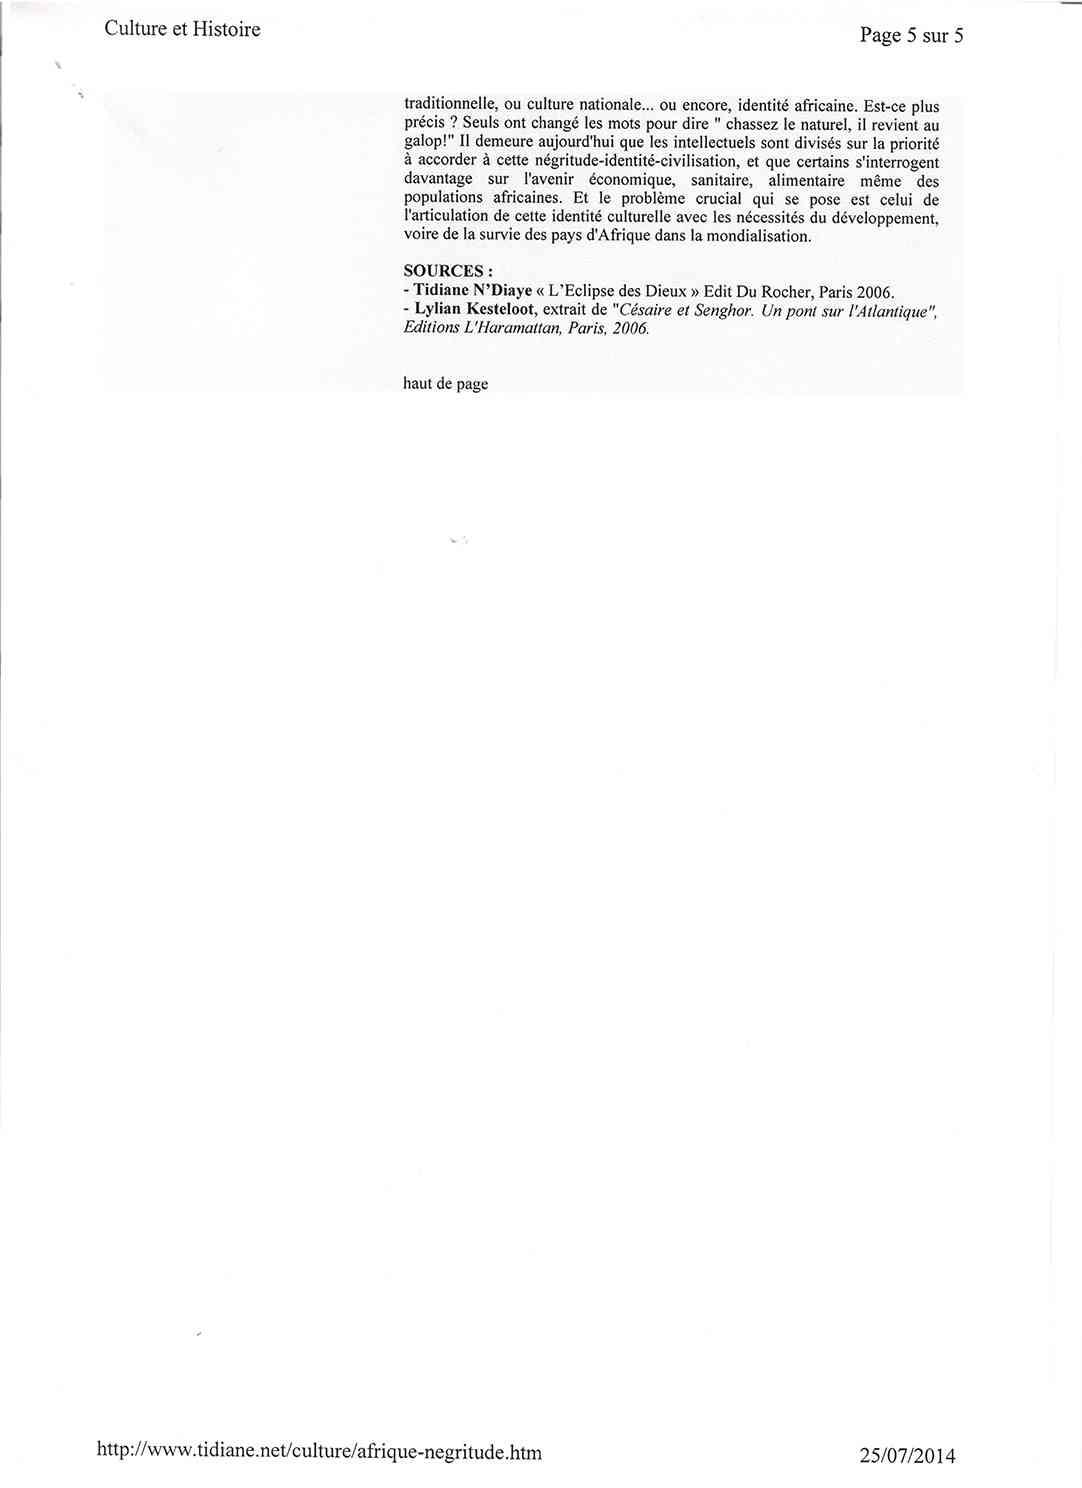 Page 5 3, René Maran